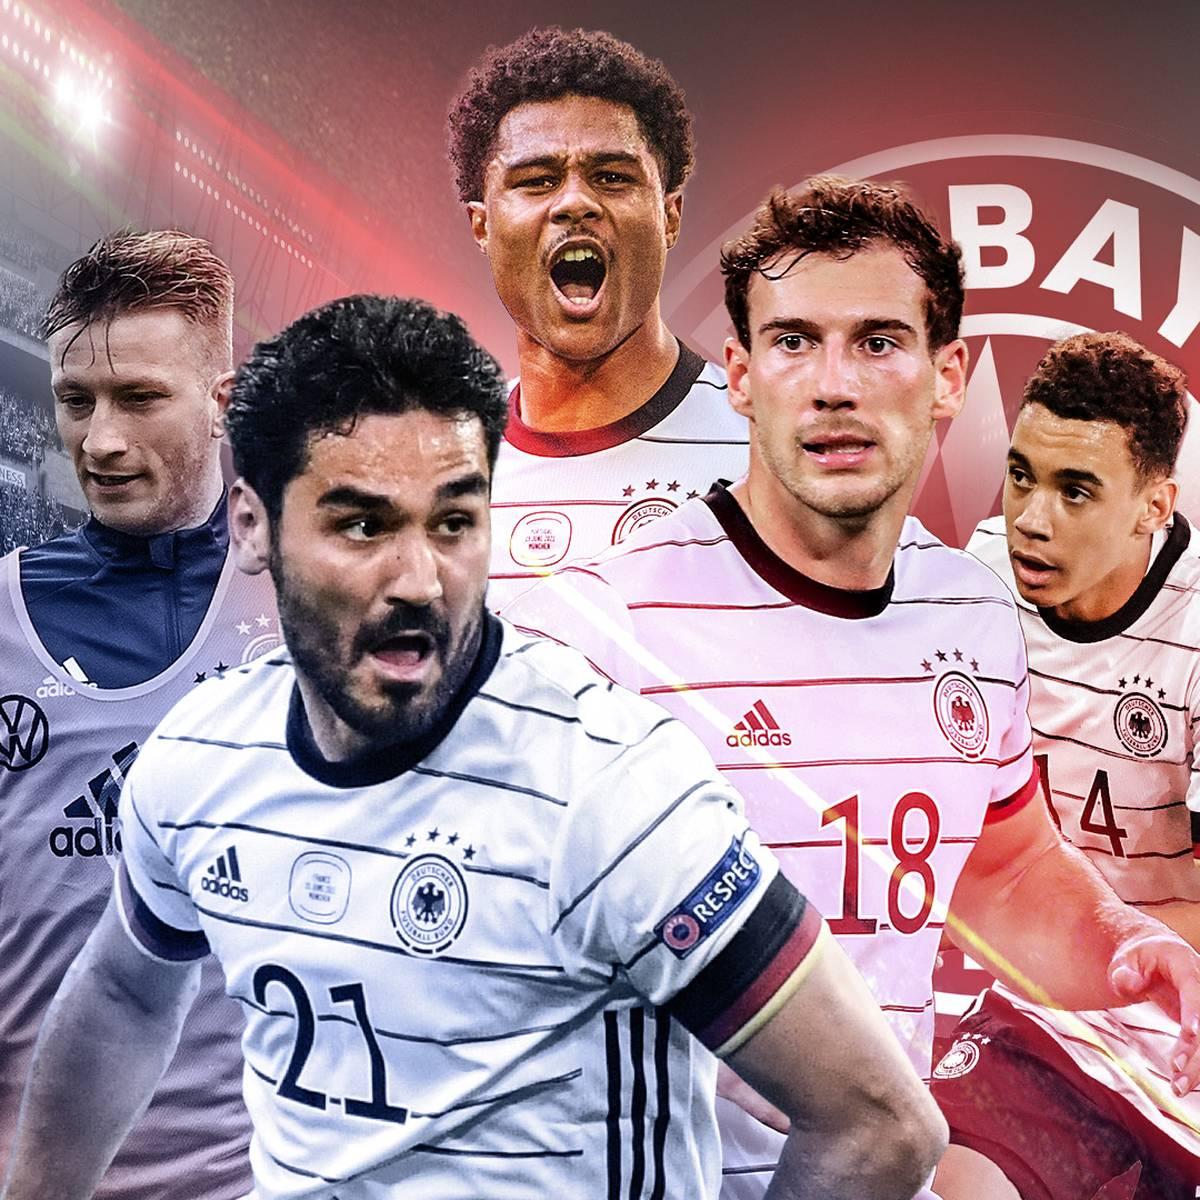 Gündogan und Reus fordern den Bayern-Block